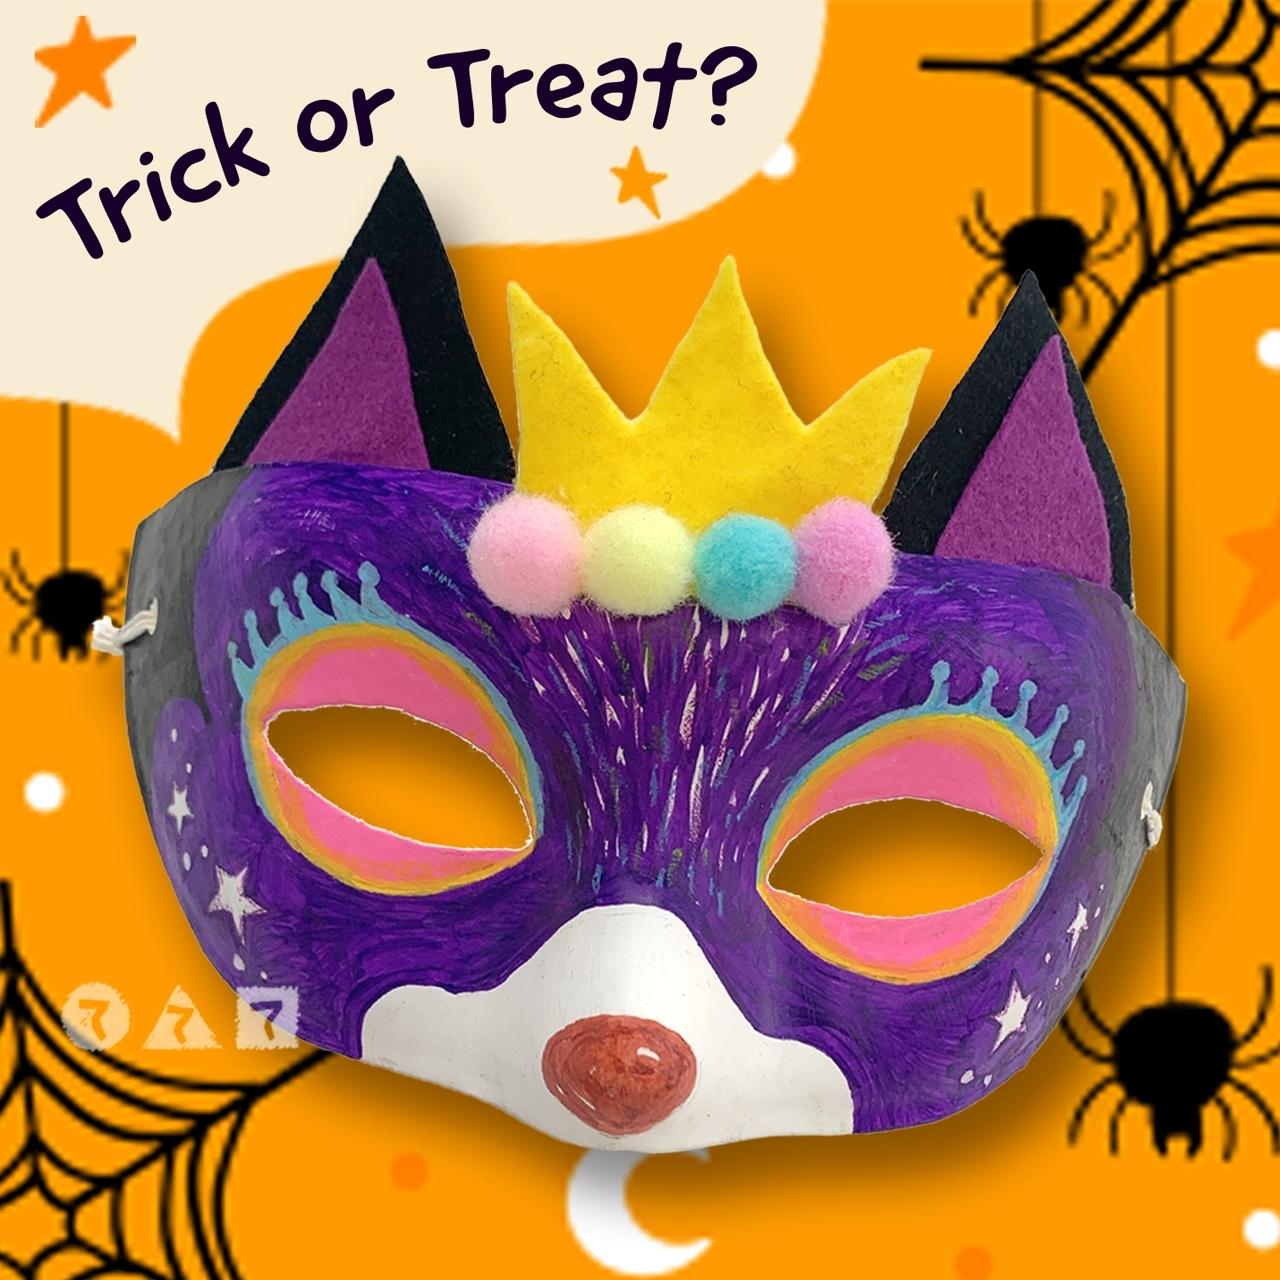 手作りのアニマル仮面でハロウィンの仮装を楽しもう!